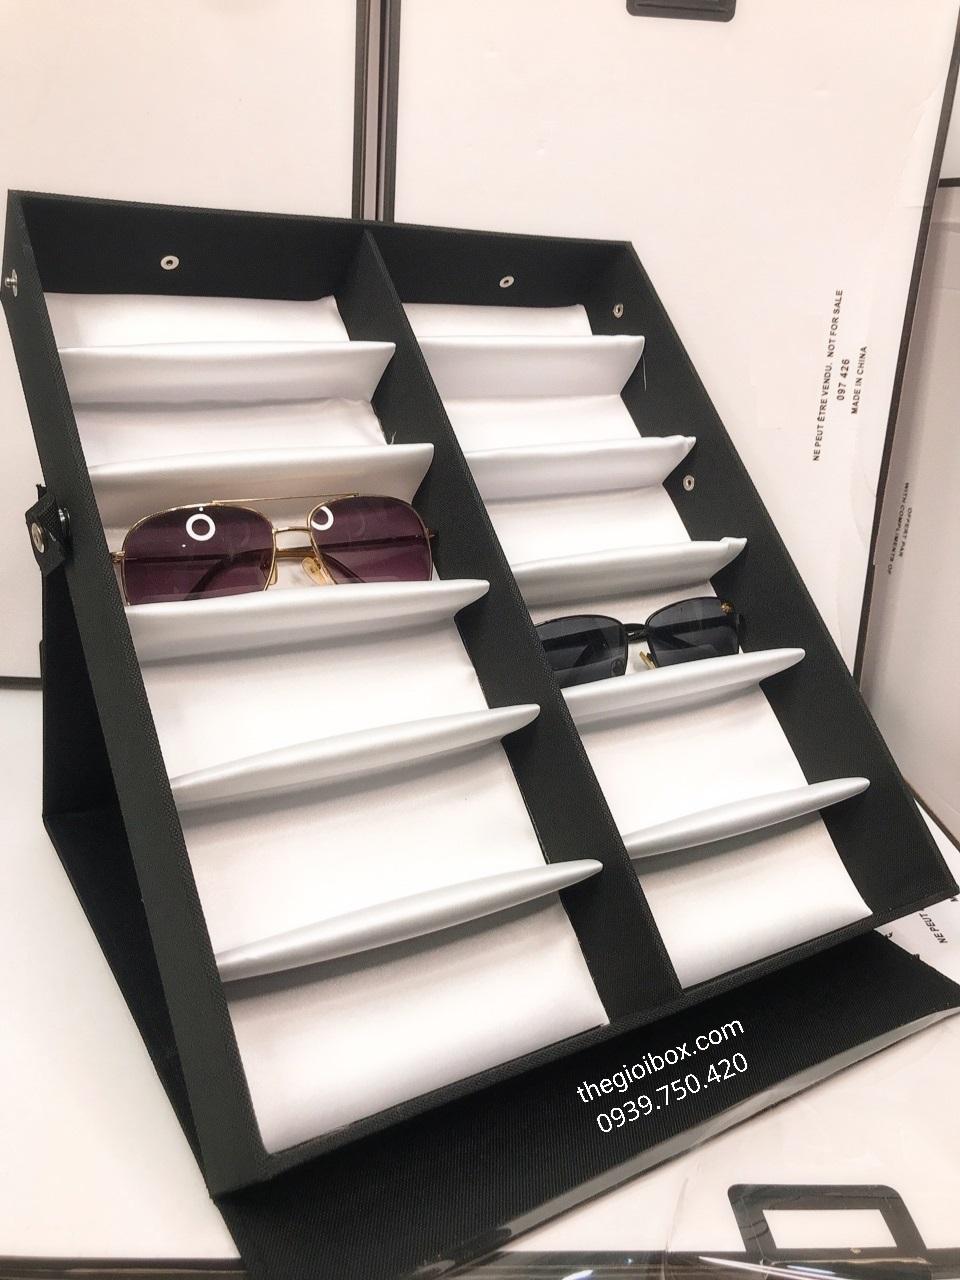 Khay đựng mắt kính 12 chiếc cao cấp, giá rẻ tphcm